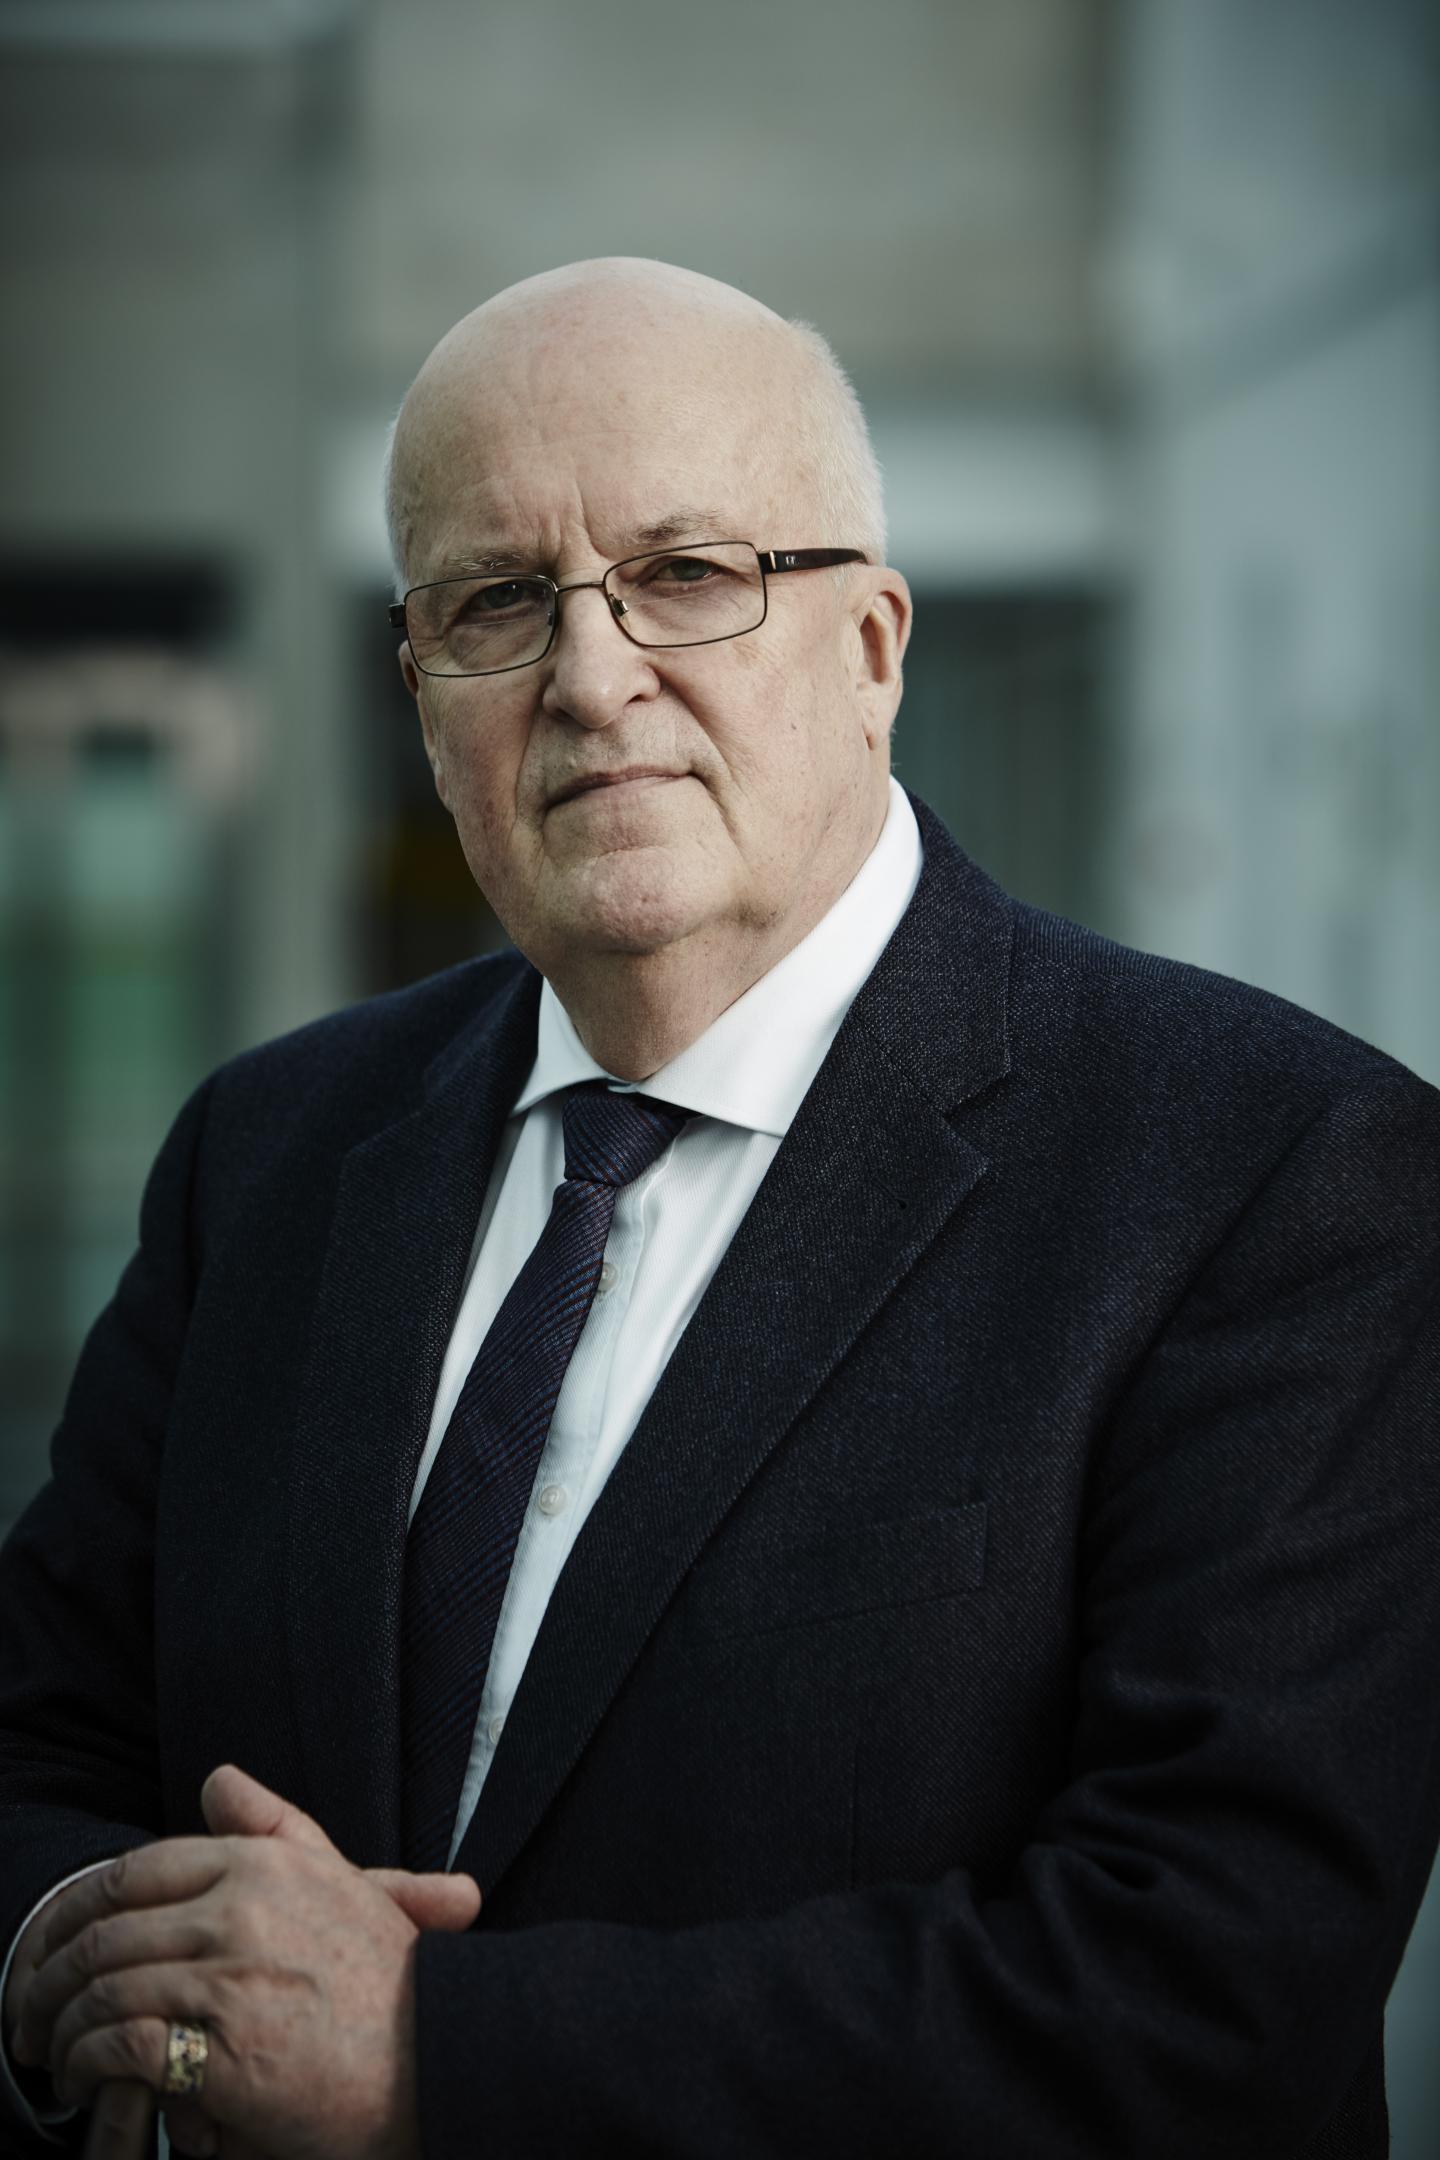 Arminas Ragauskas, Kaunas University of Technology